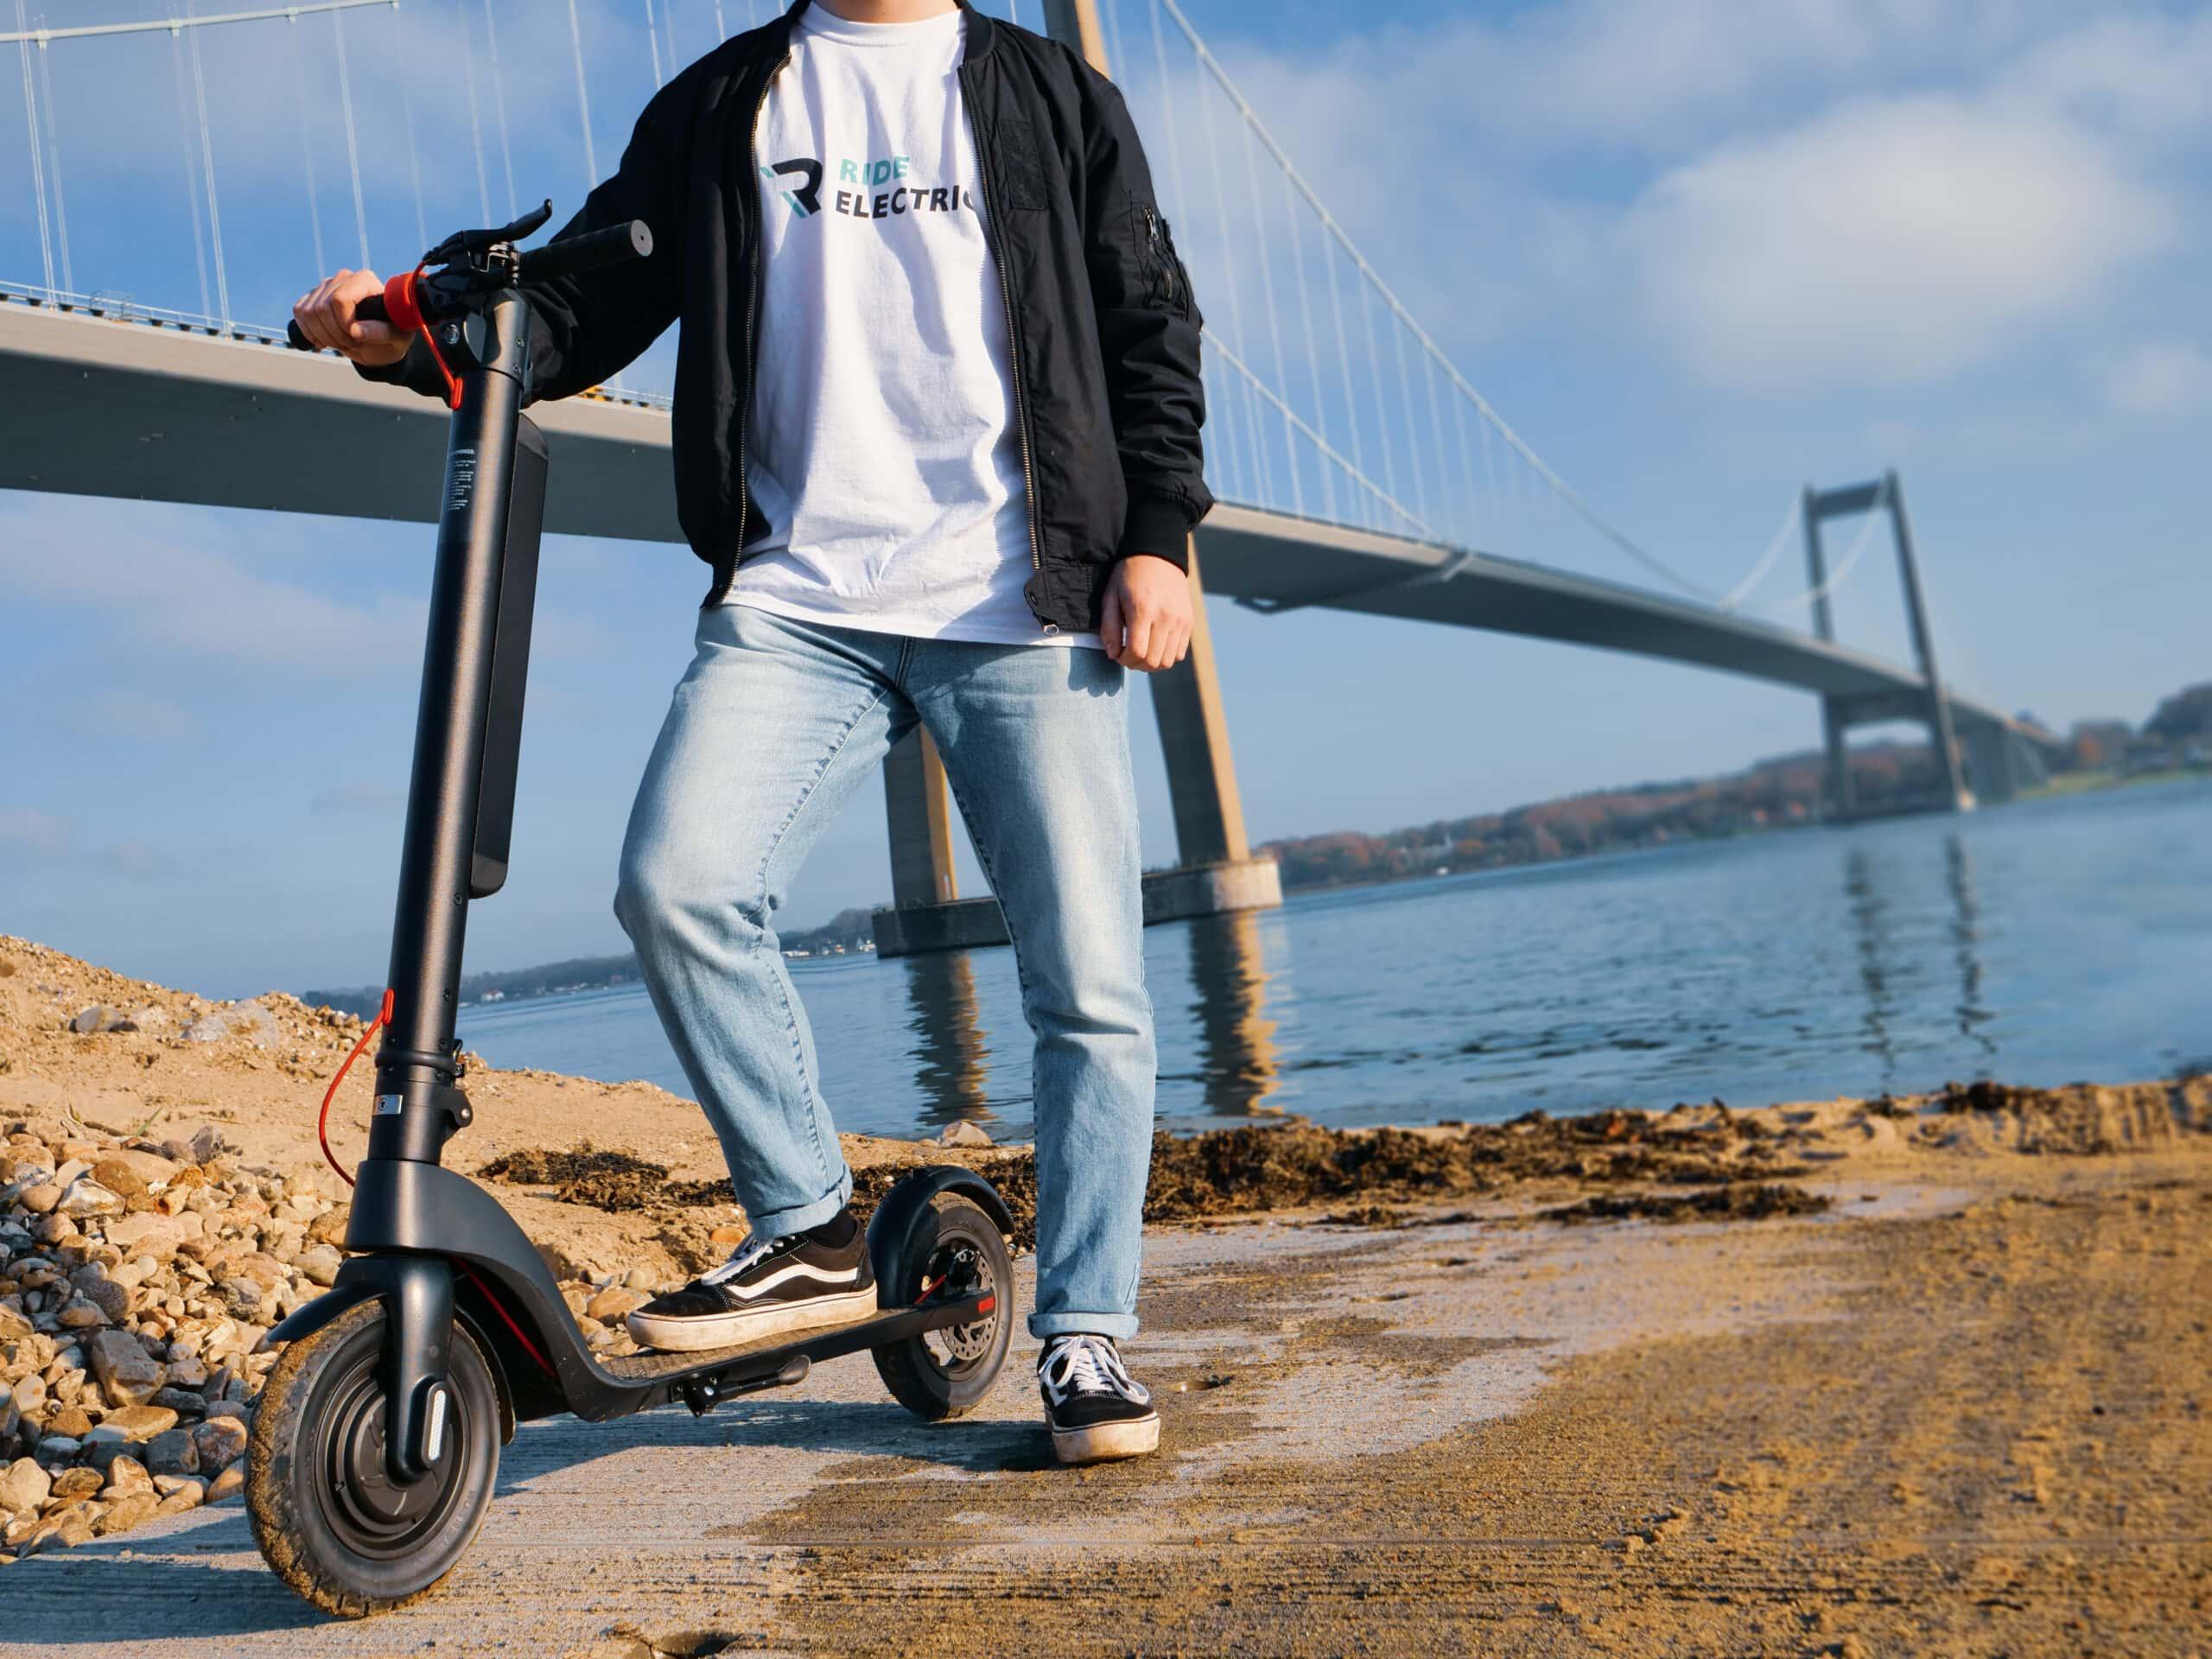 bedste el-løbehjul i test guide af rideelectric